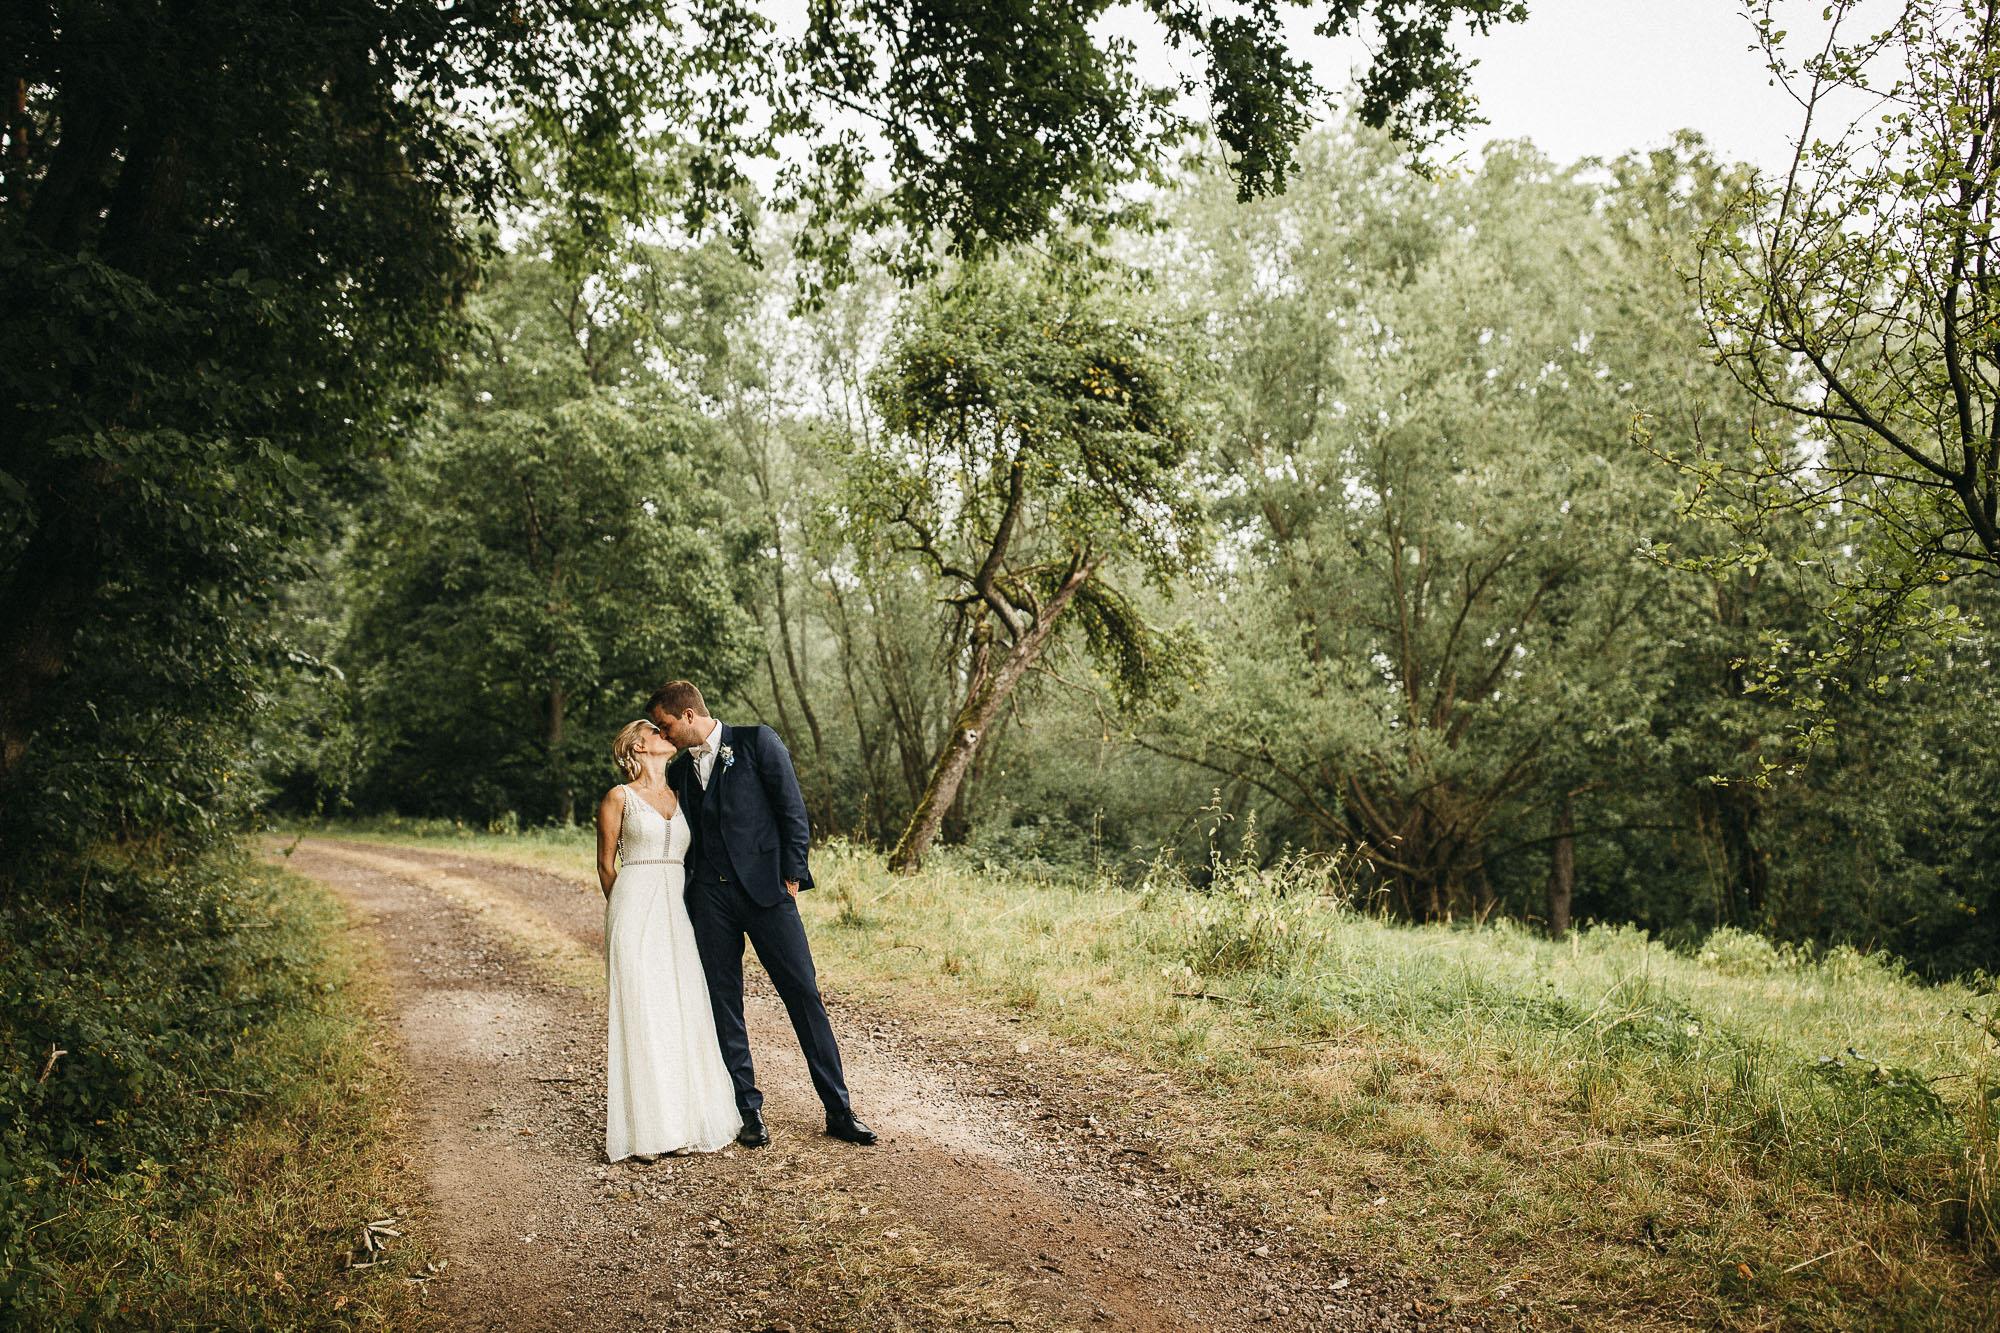 raissa simon photography wedding mosel kloster machern love authentic 356 - Kathrin + Dominik